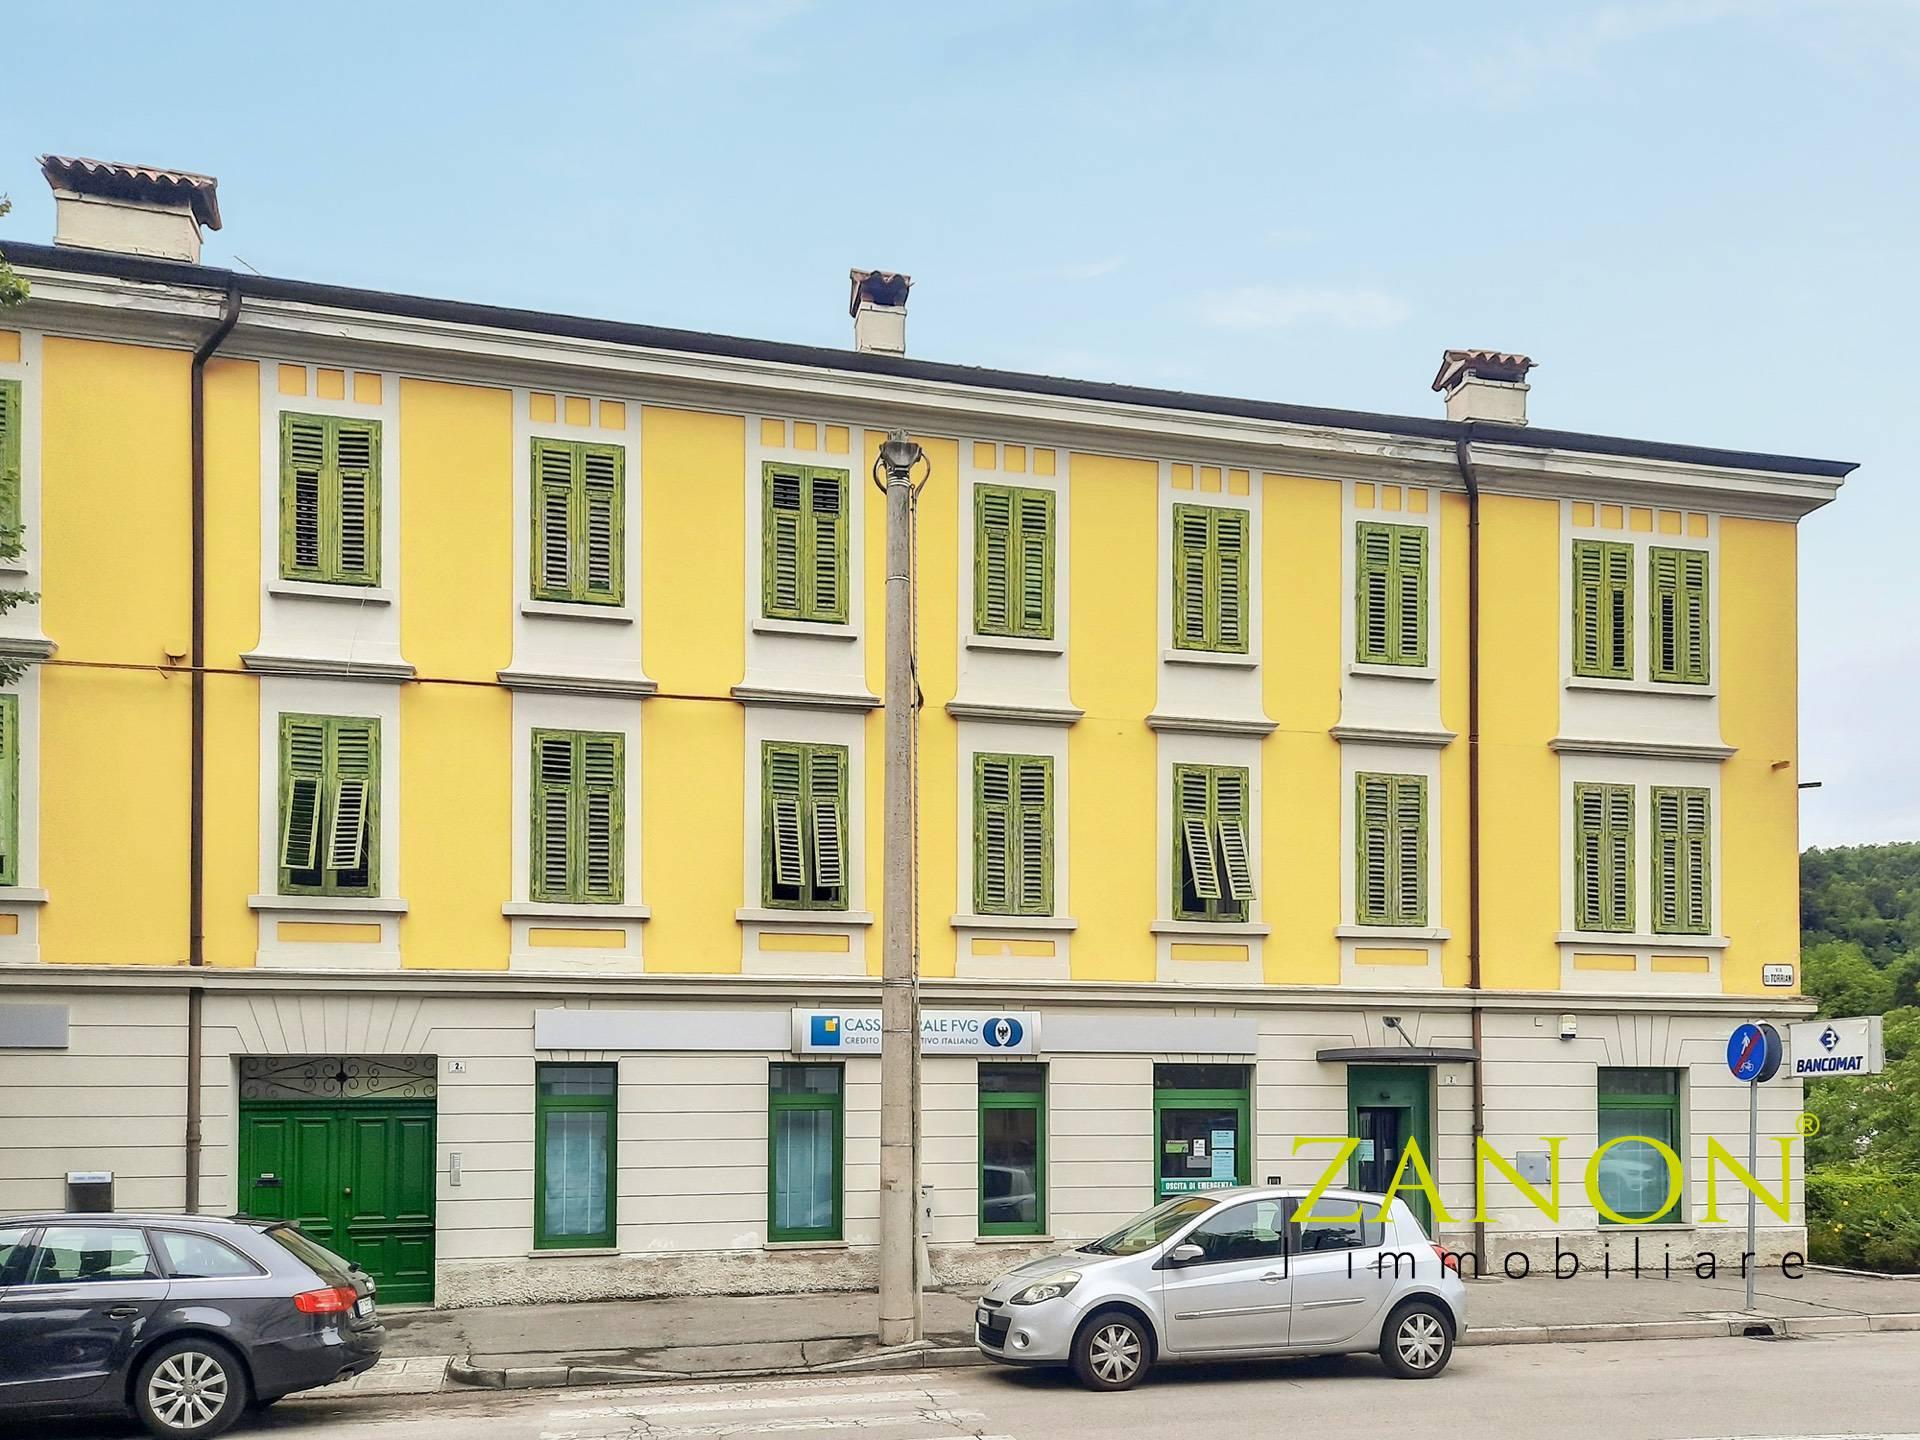 Appartamento in vendita a Gorizia, 5 locali, zona ccis, prezzo € 45.000   PortaleAgenzieImmobiliari.it